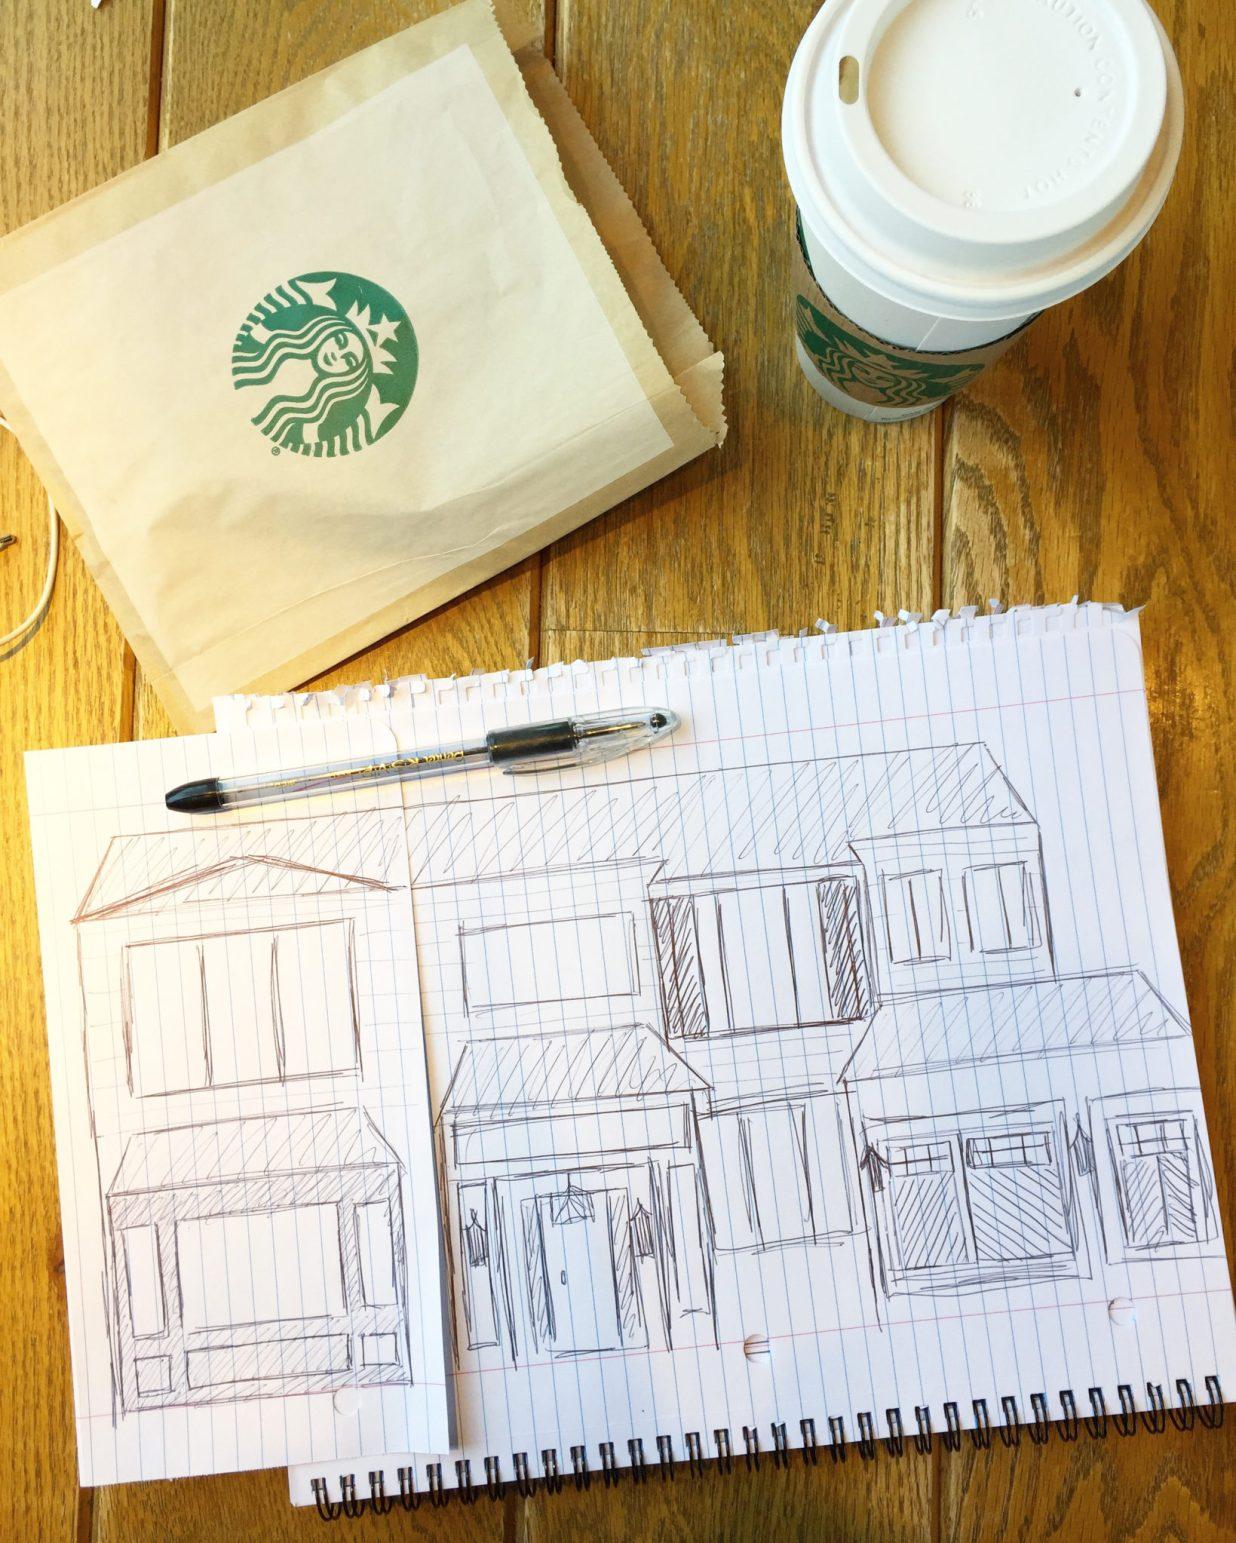 Exterior sketch